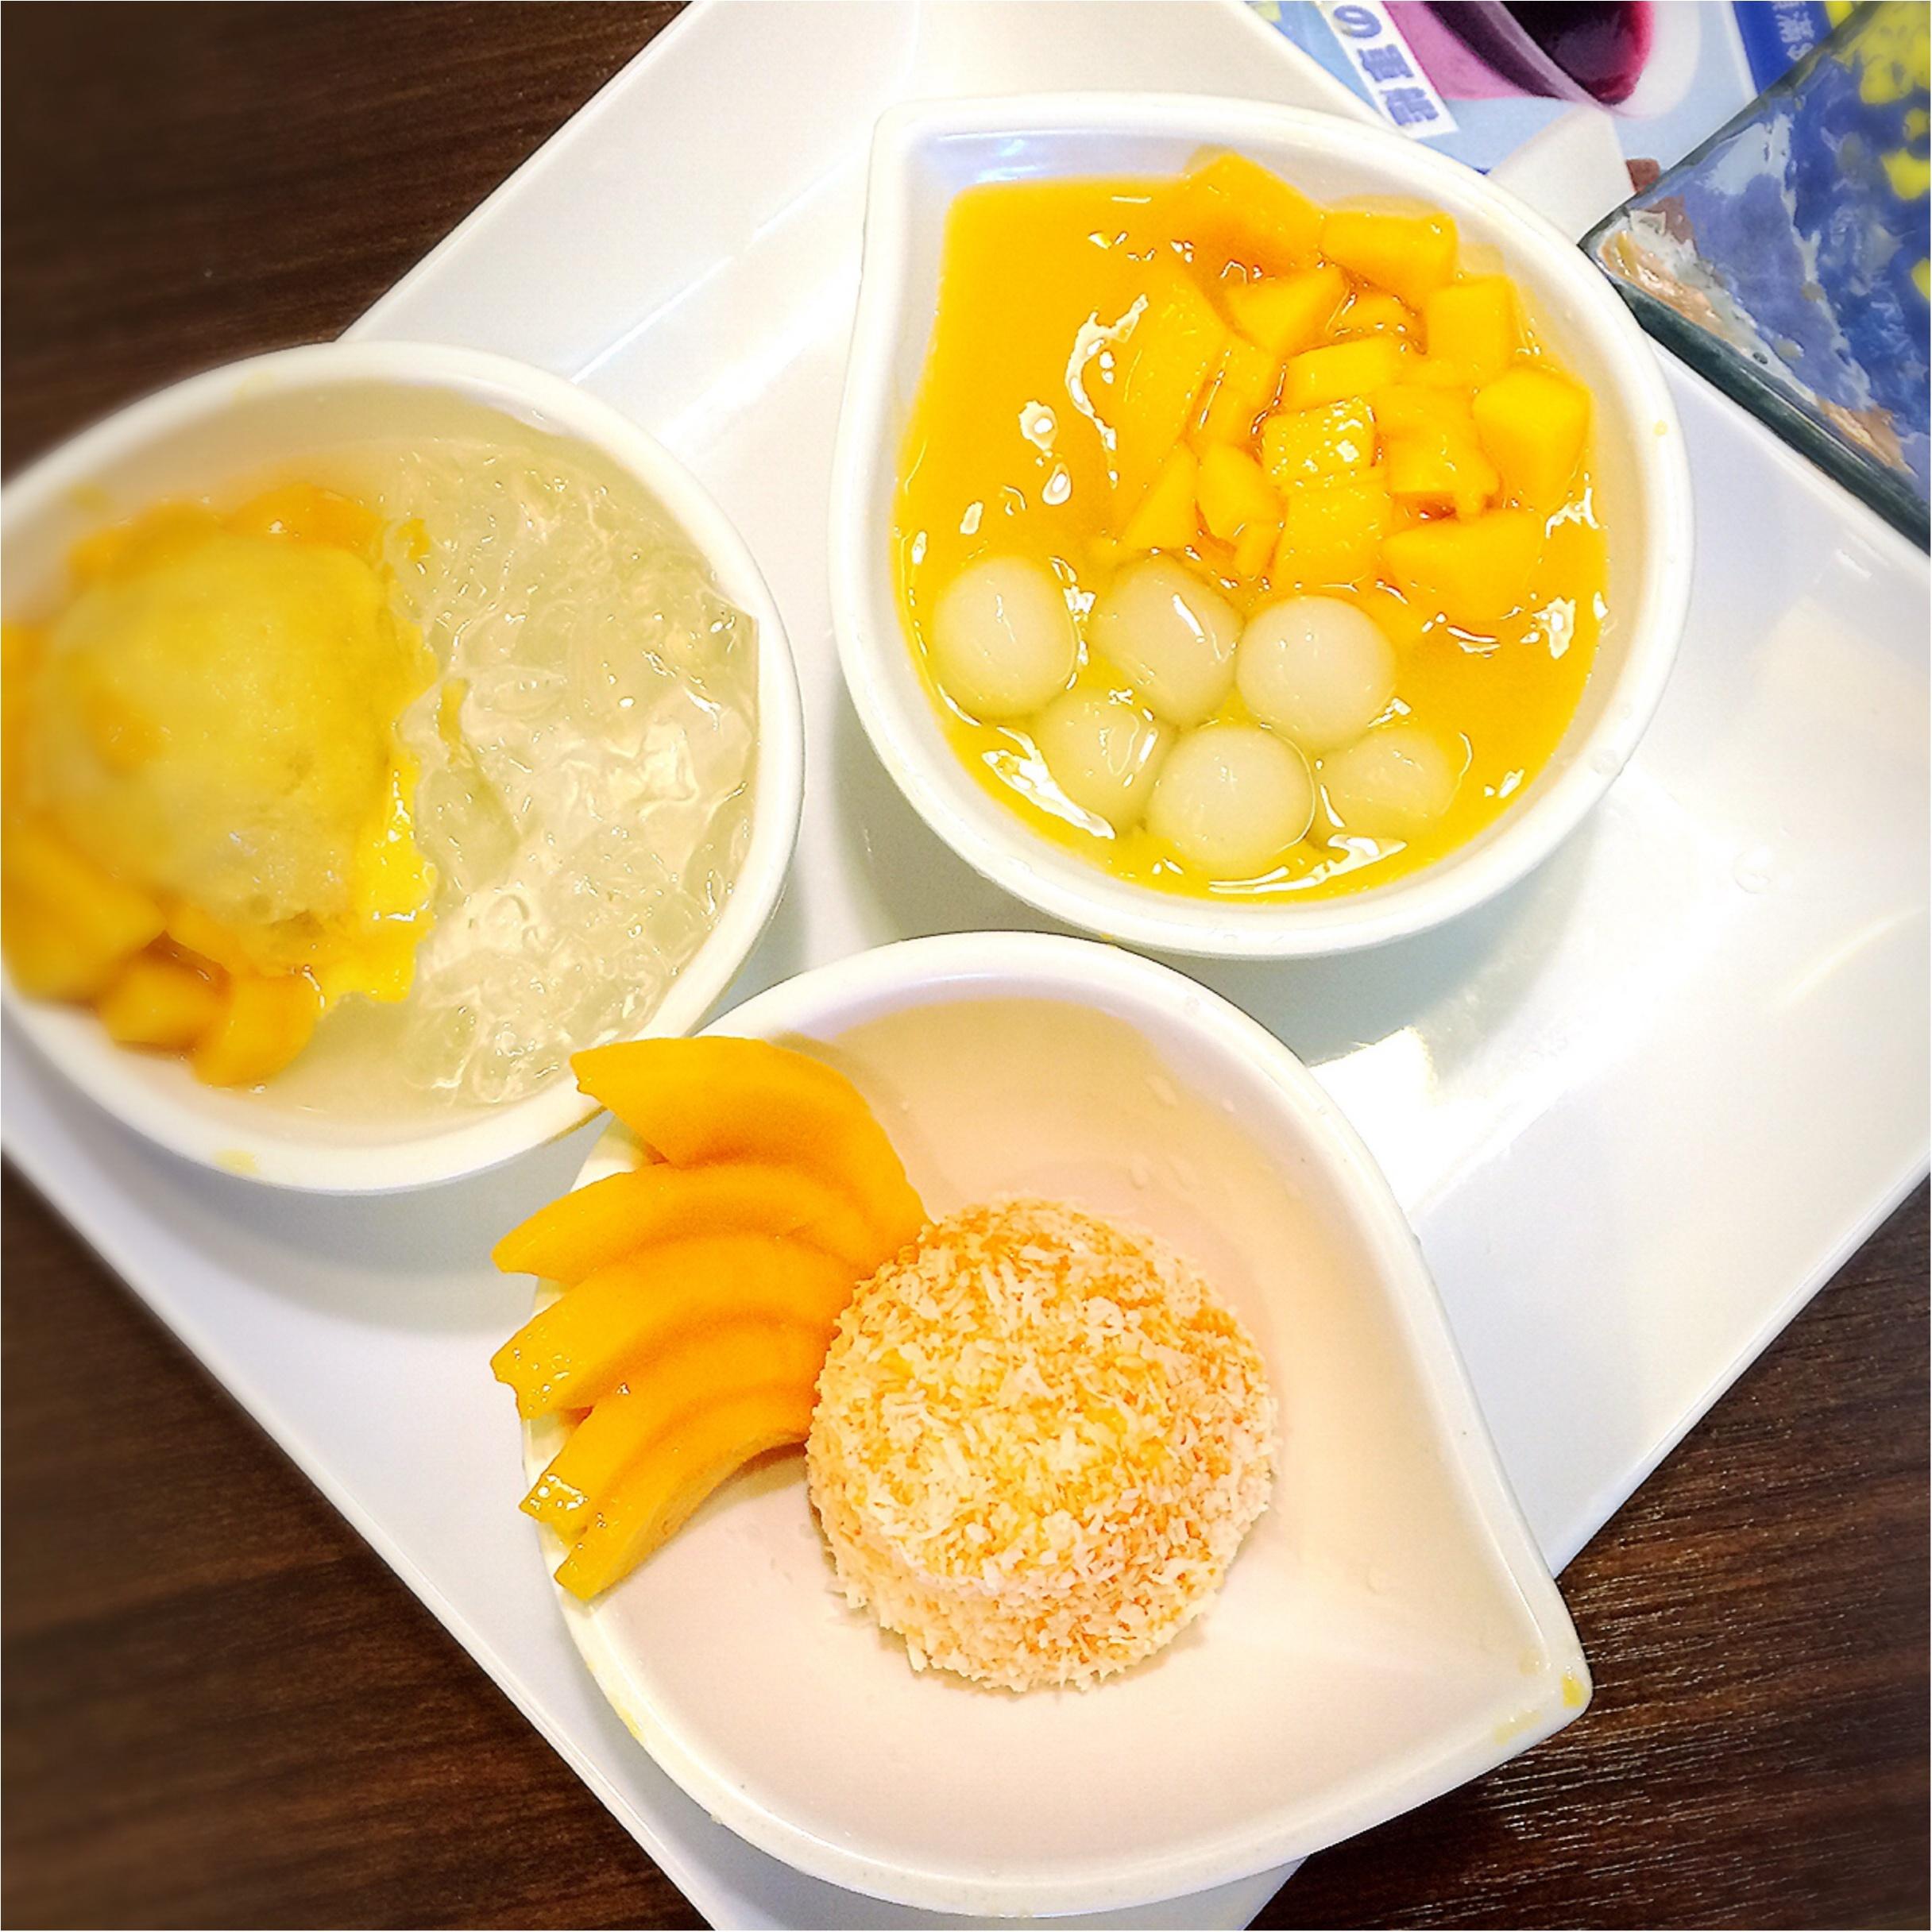 ★これこそ真のマンゴー祭!香港2大スイーツ店でマンゴーを食べ尽くせ!★_1